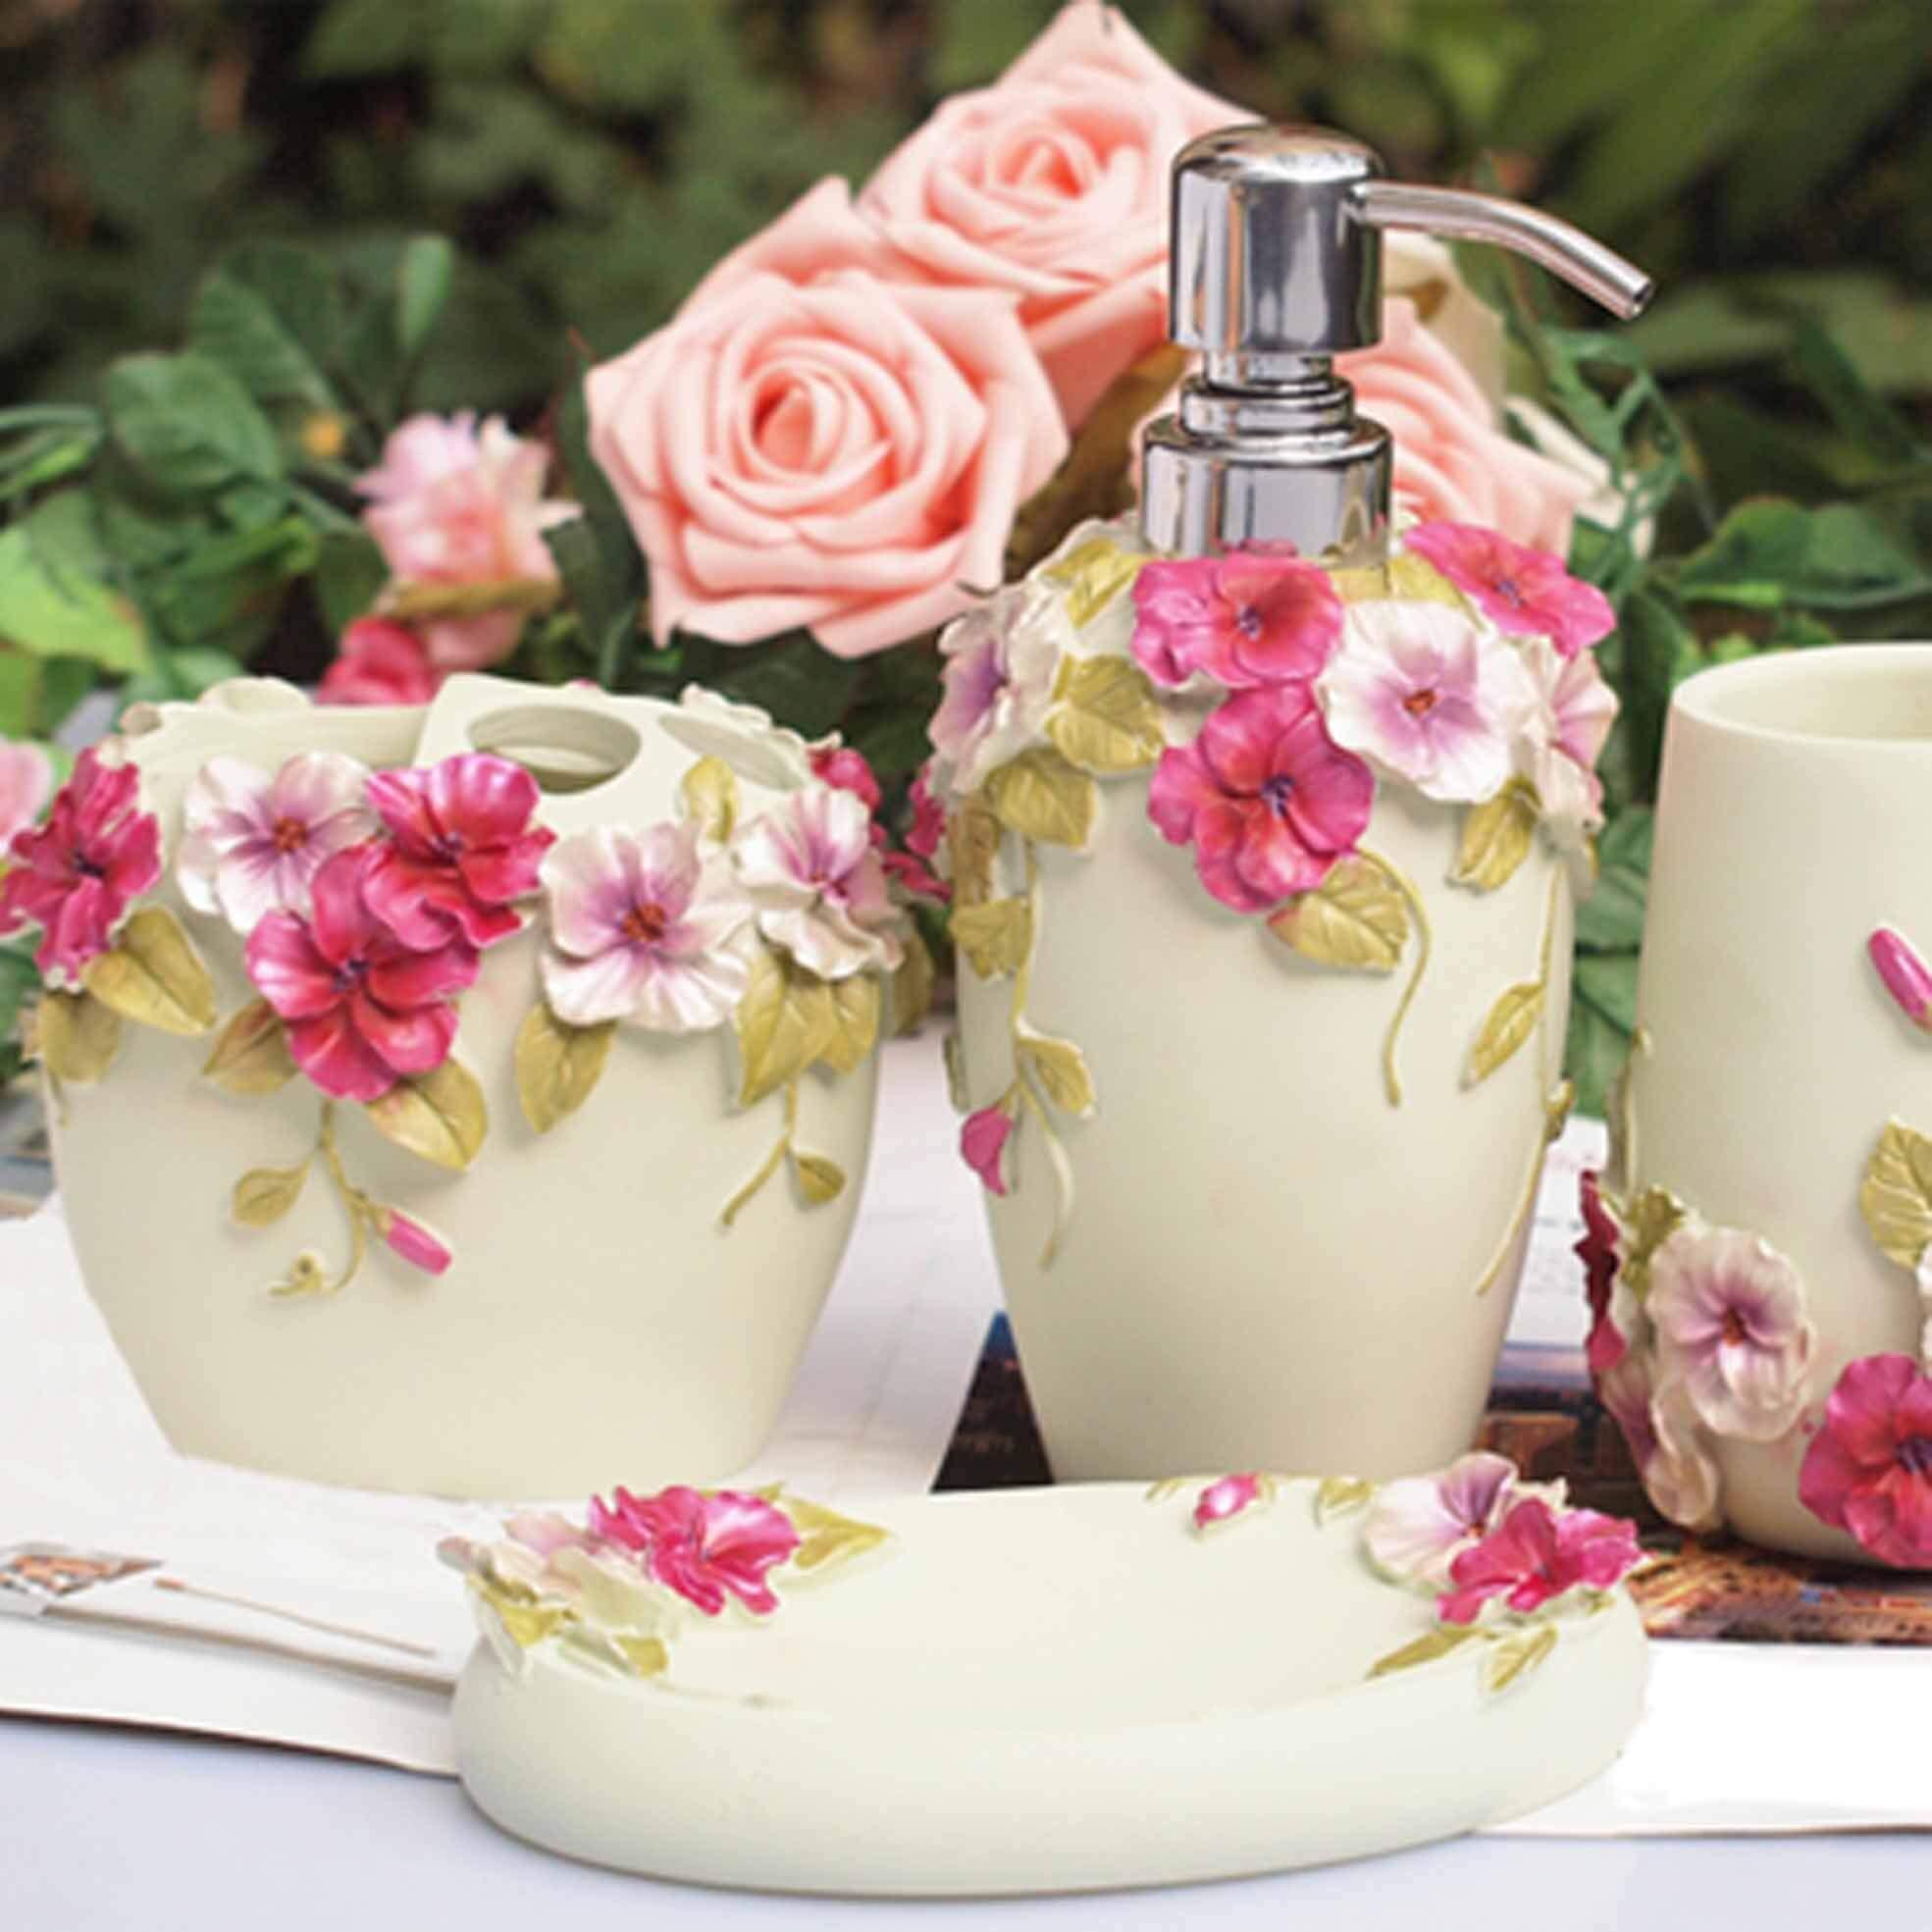 Jolis accessoires de salle de bain design floral